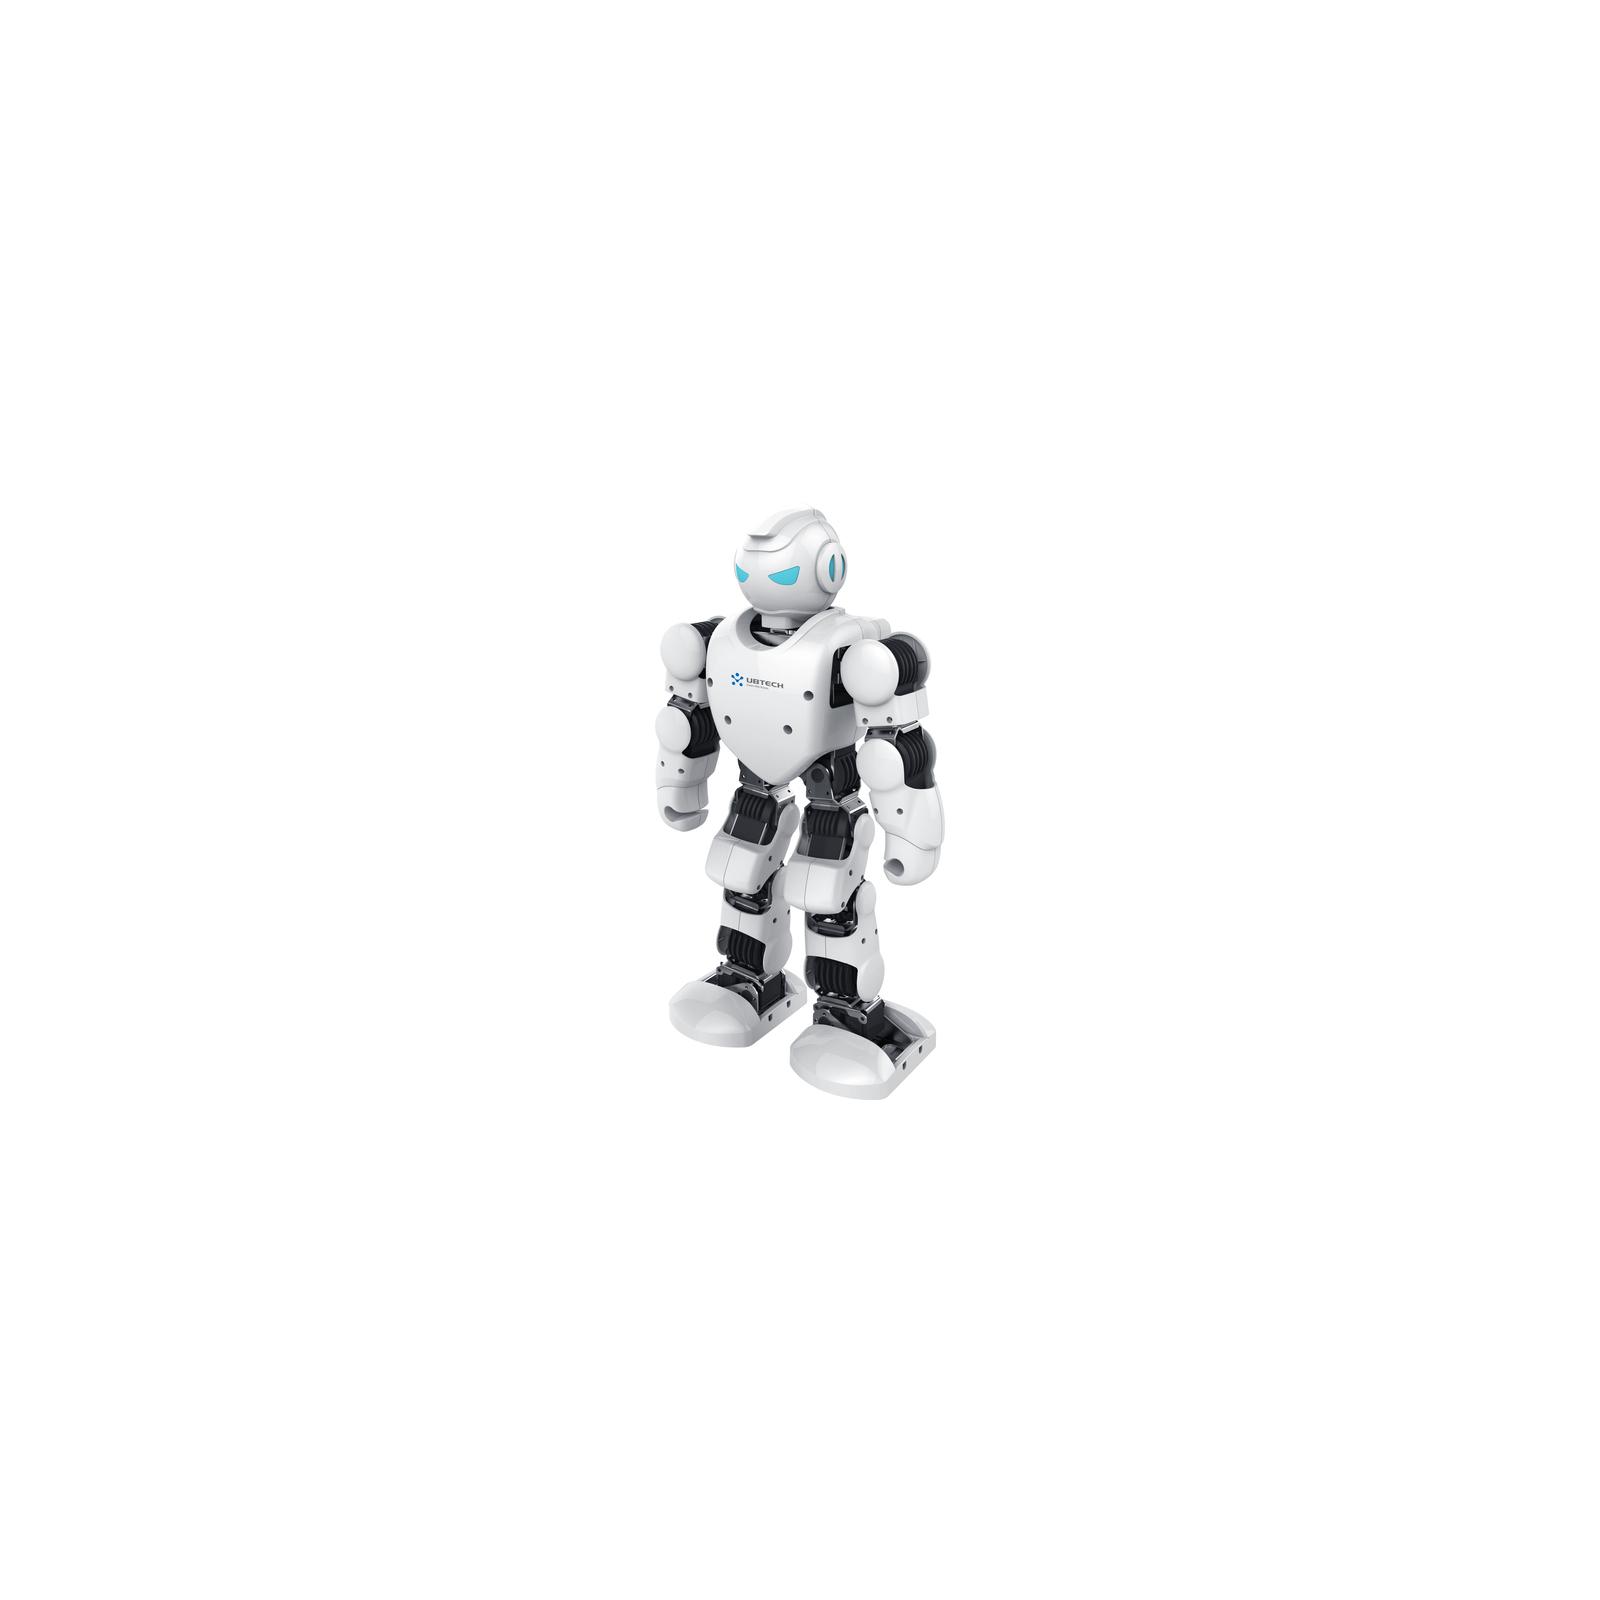 Робот Ubtech Alpha 1Pro изображение 2